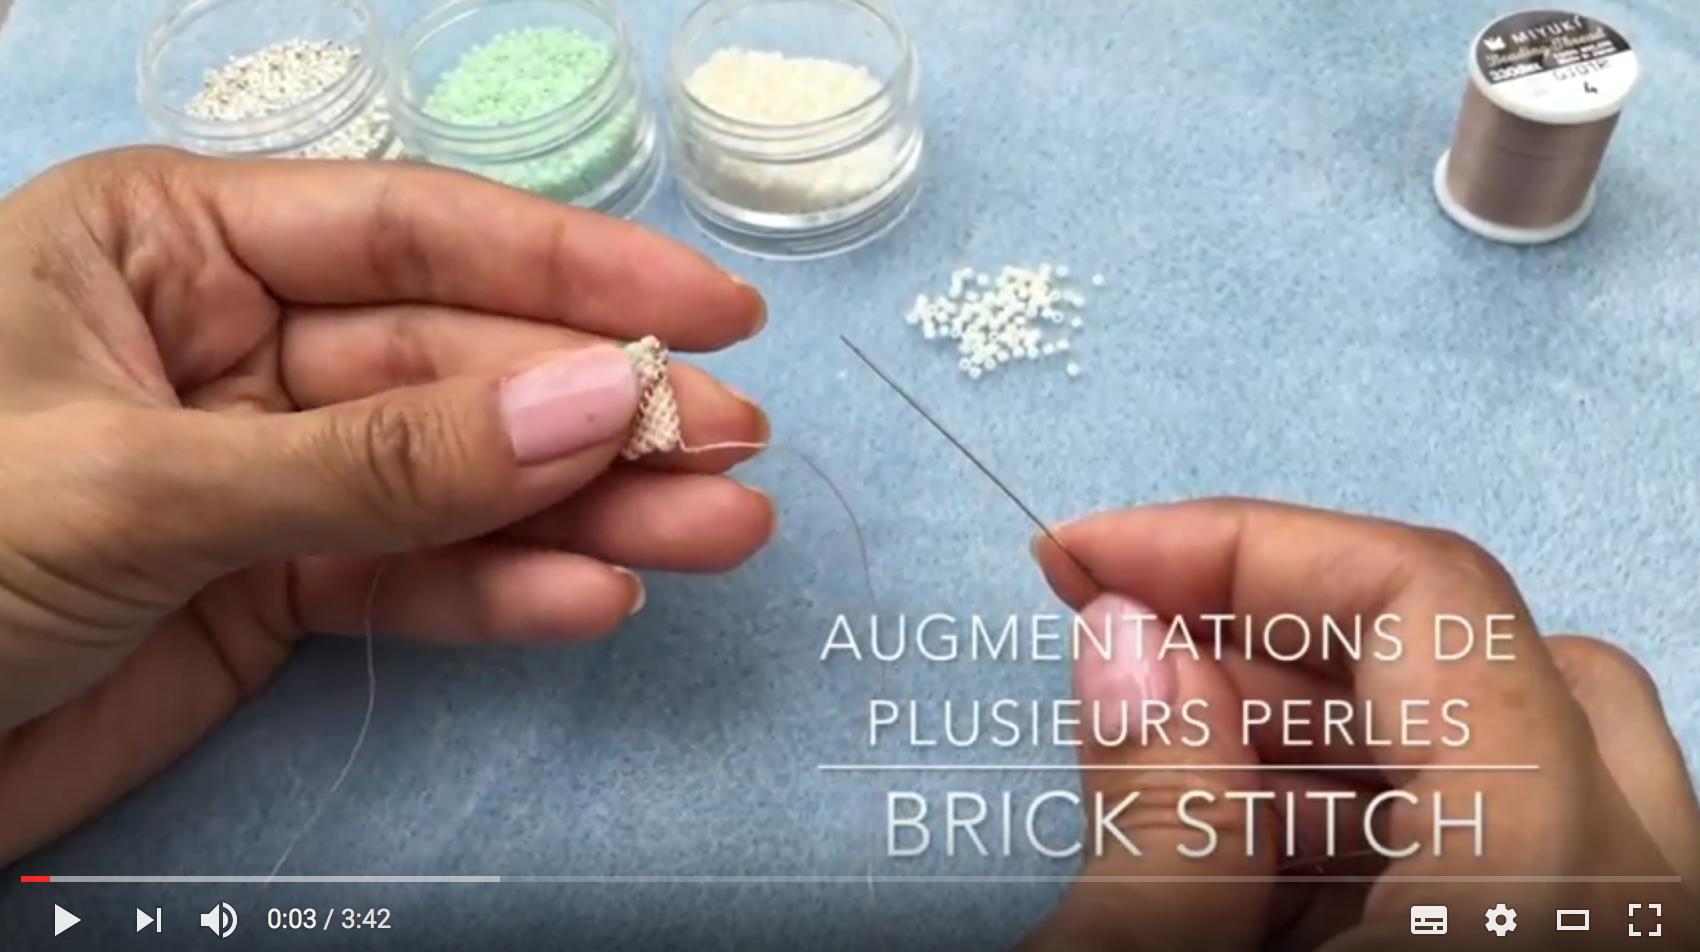 Tuto vidéo – Augmentation de plusieurs perles et diminution invisible en brick stitch